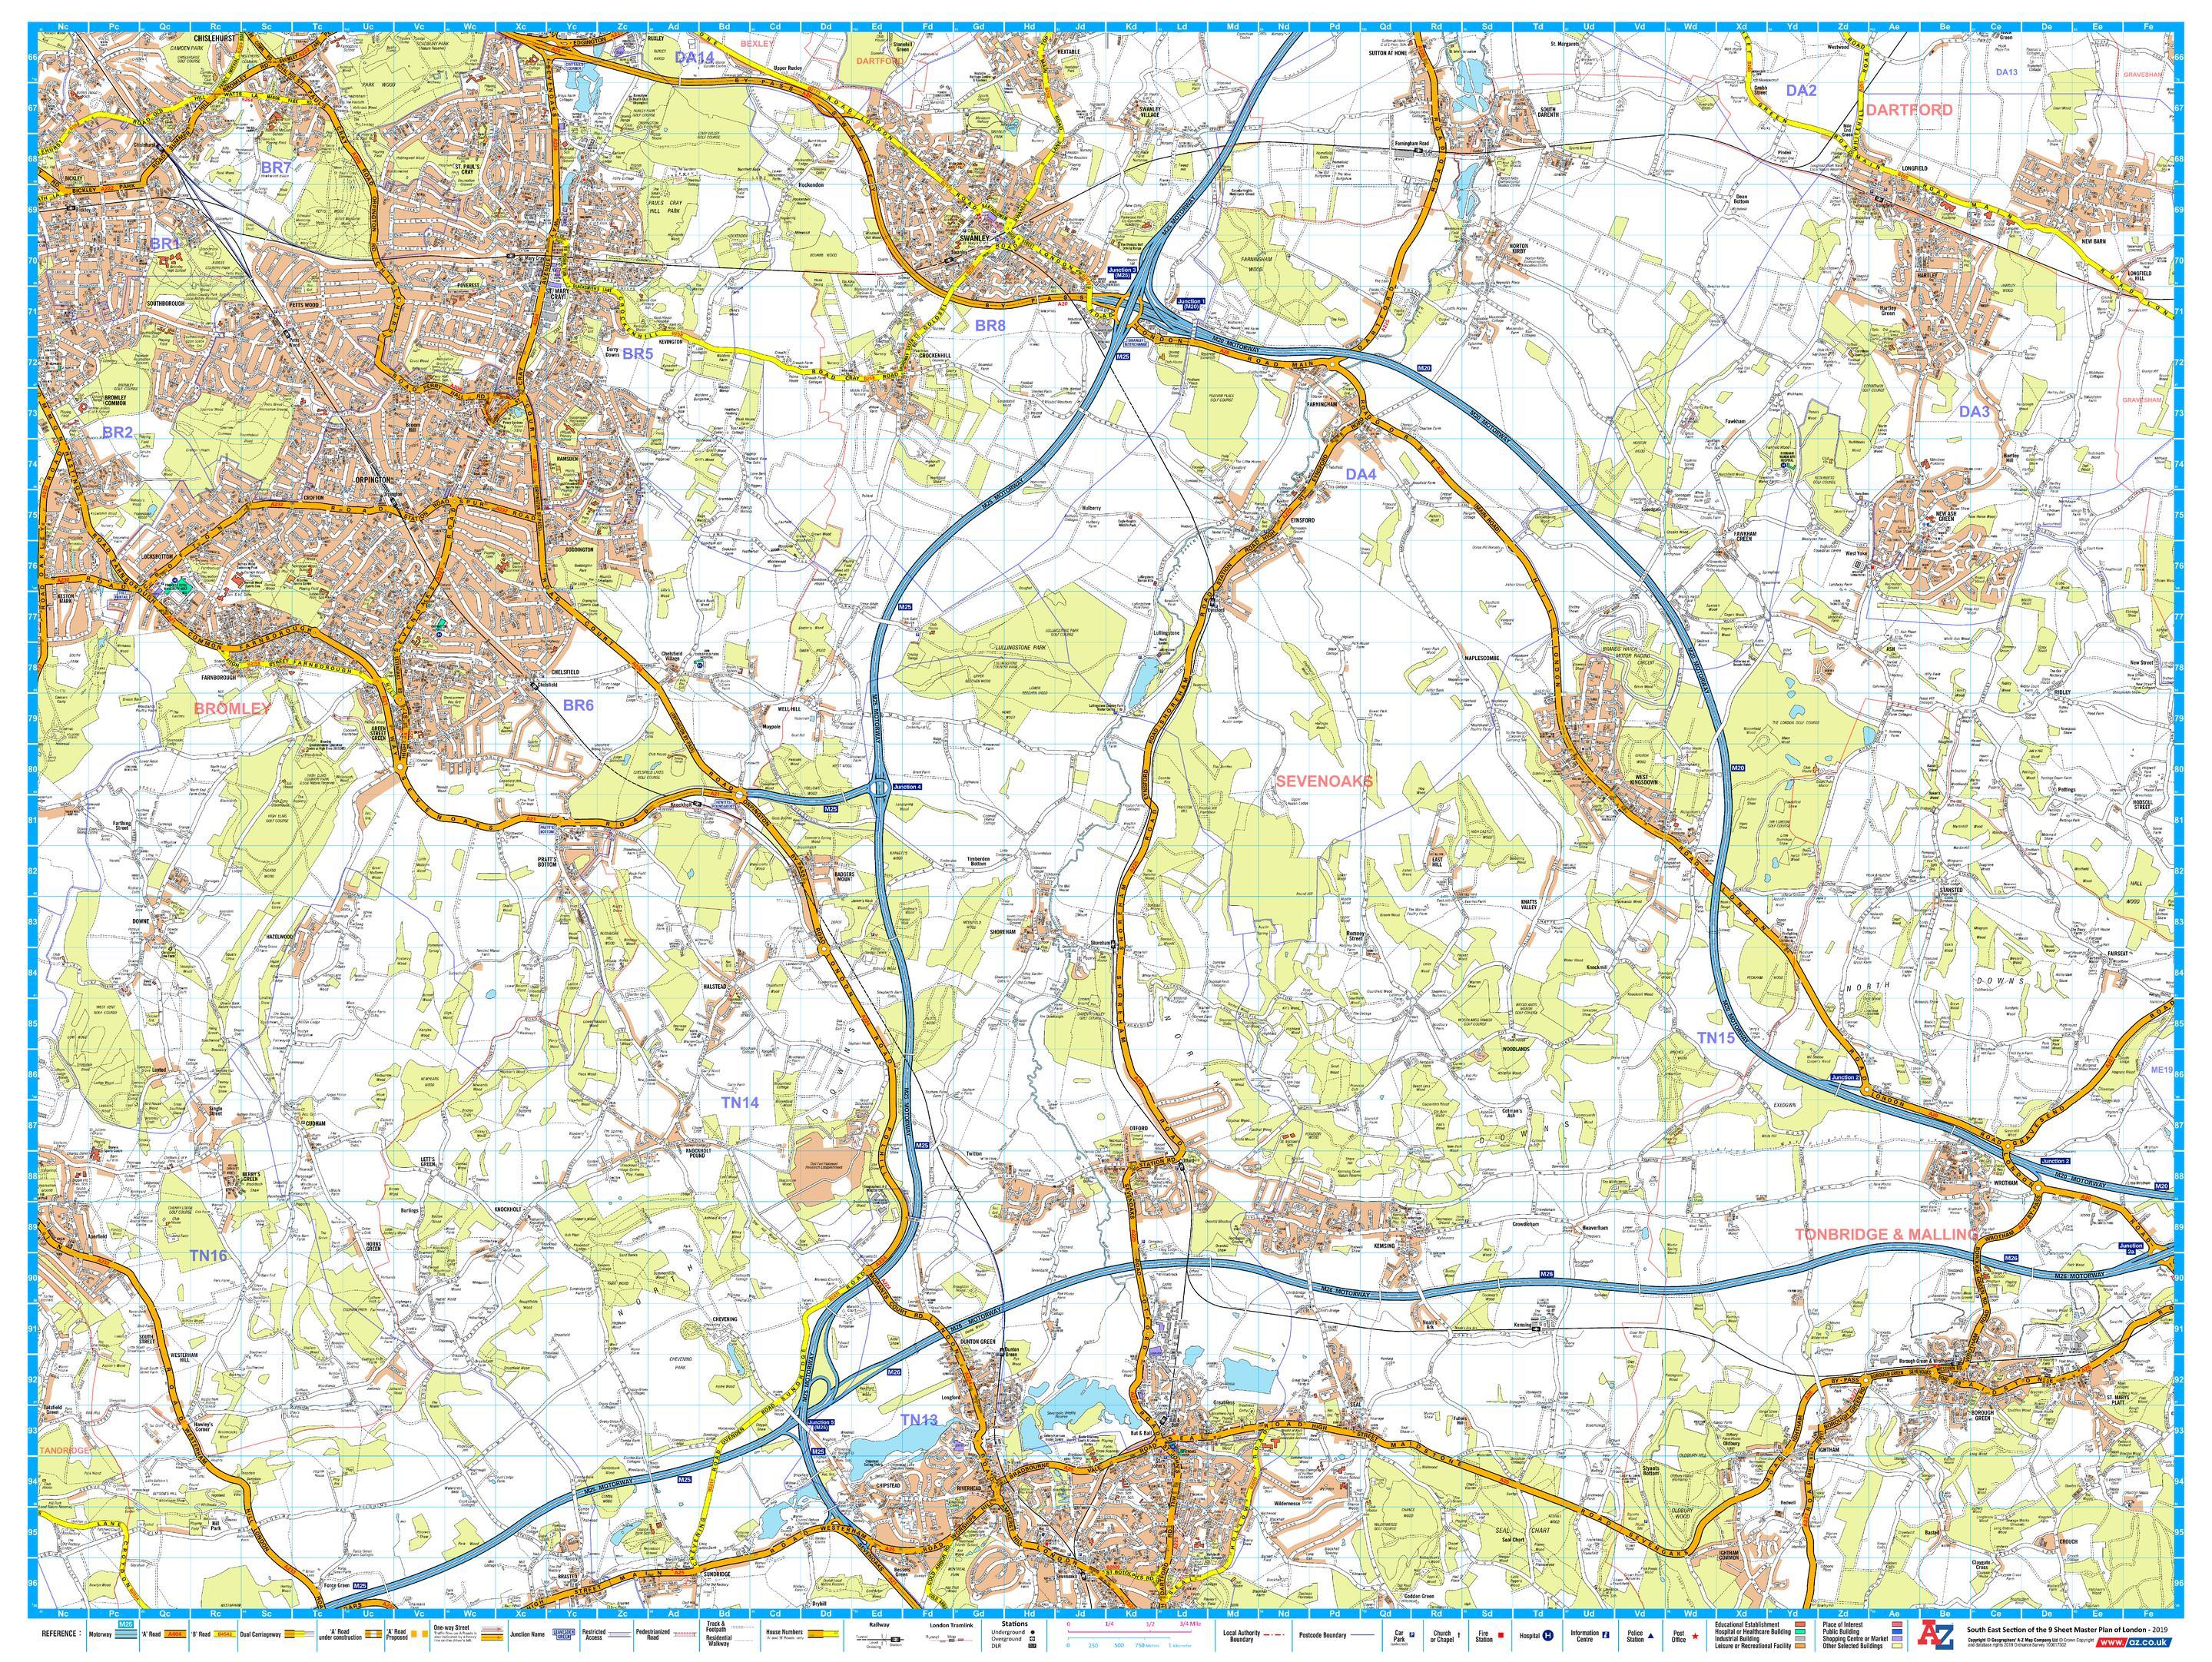 A-Z London Master Plan - South East